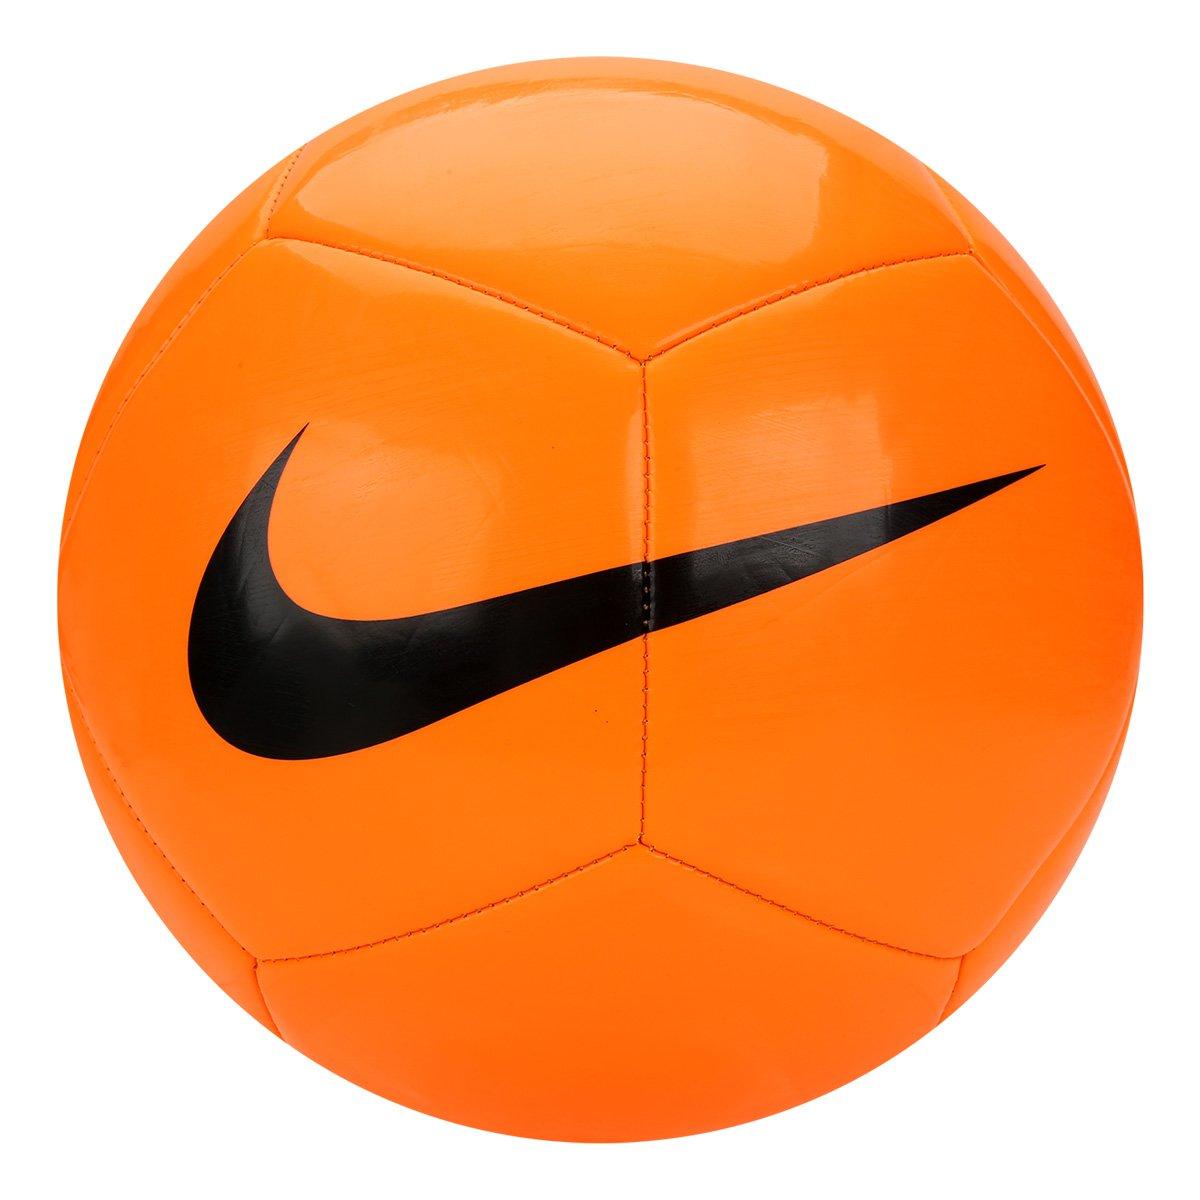 Bola Futebol Campo Nike Pich Team c1f569fb52c8a